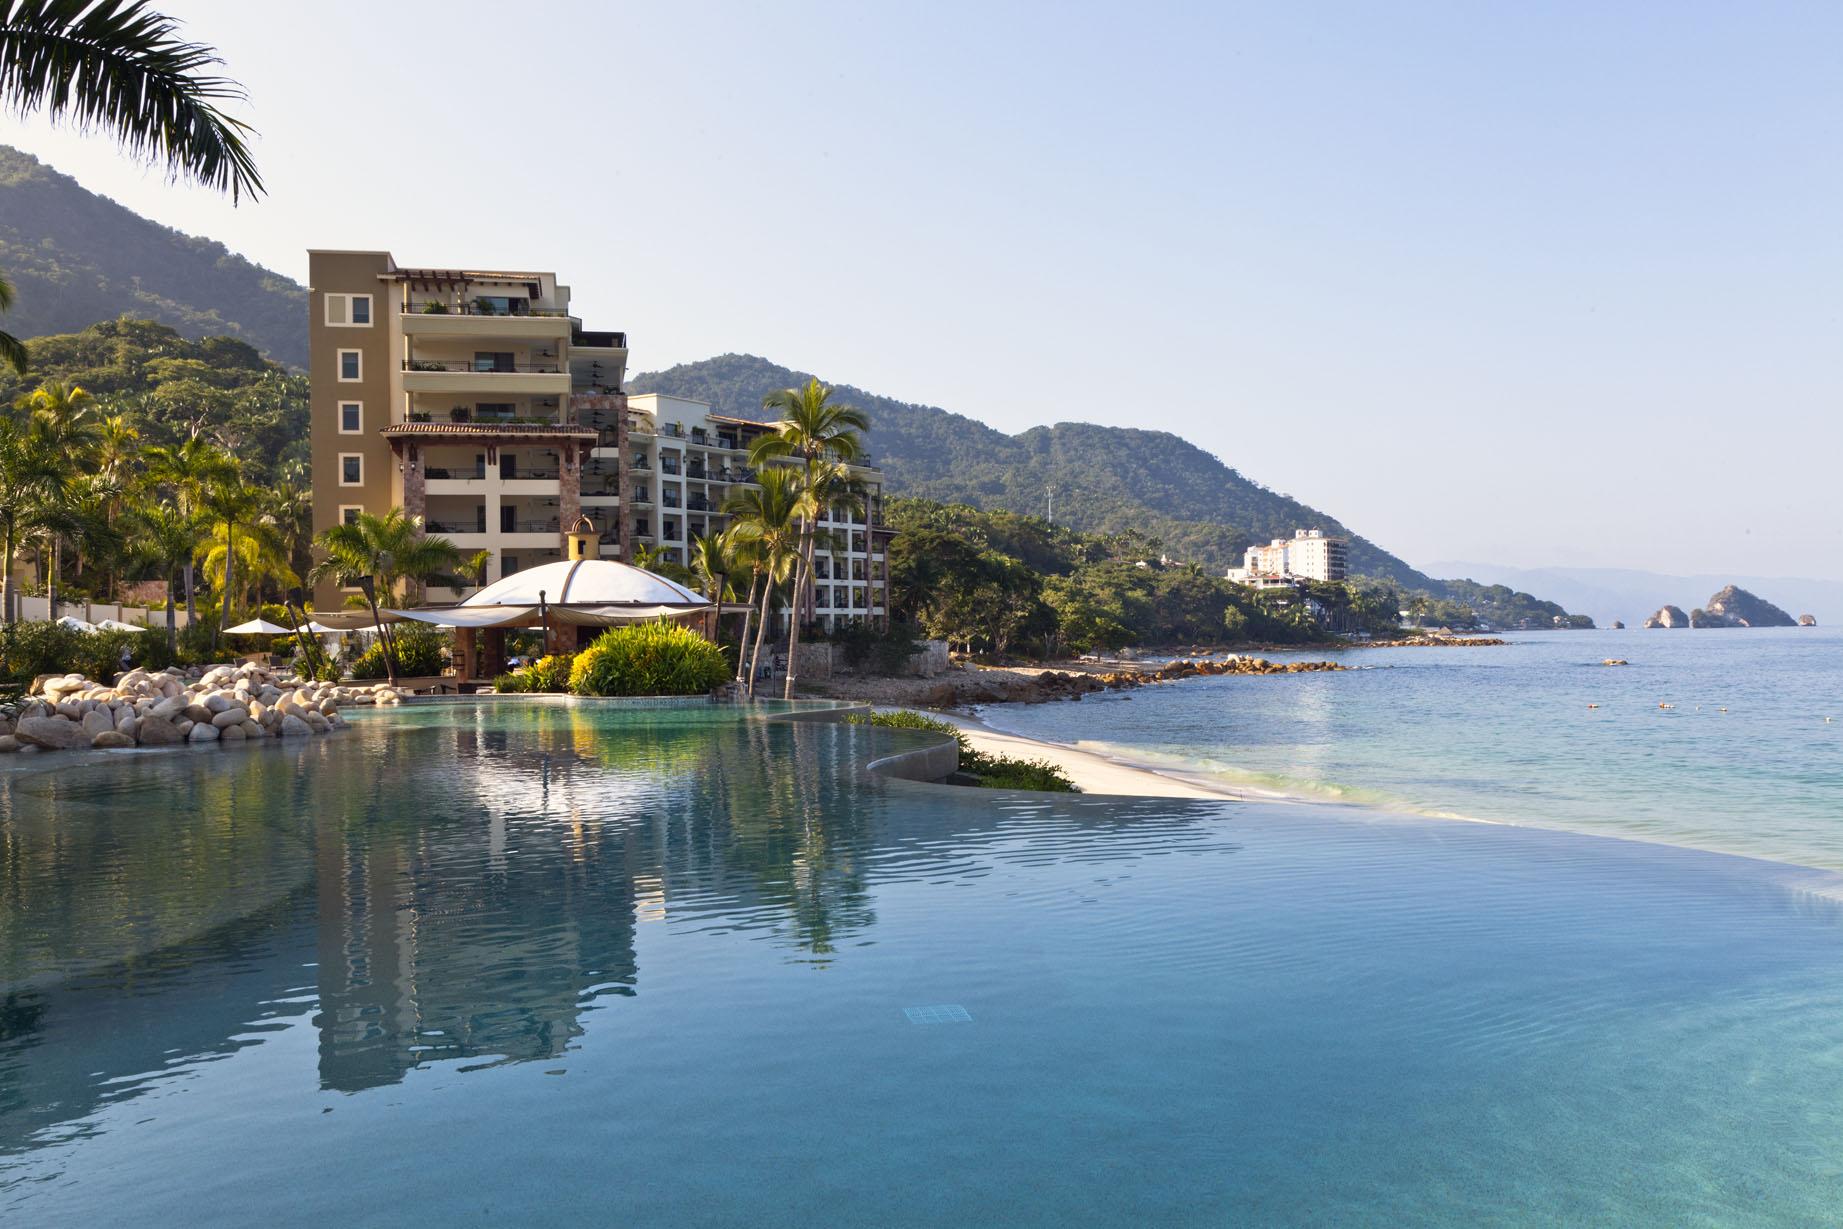 Top Five AllInclusive Resorts In Puerto Vallarta - All inclusive resorts in puerto vallarta